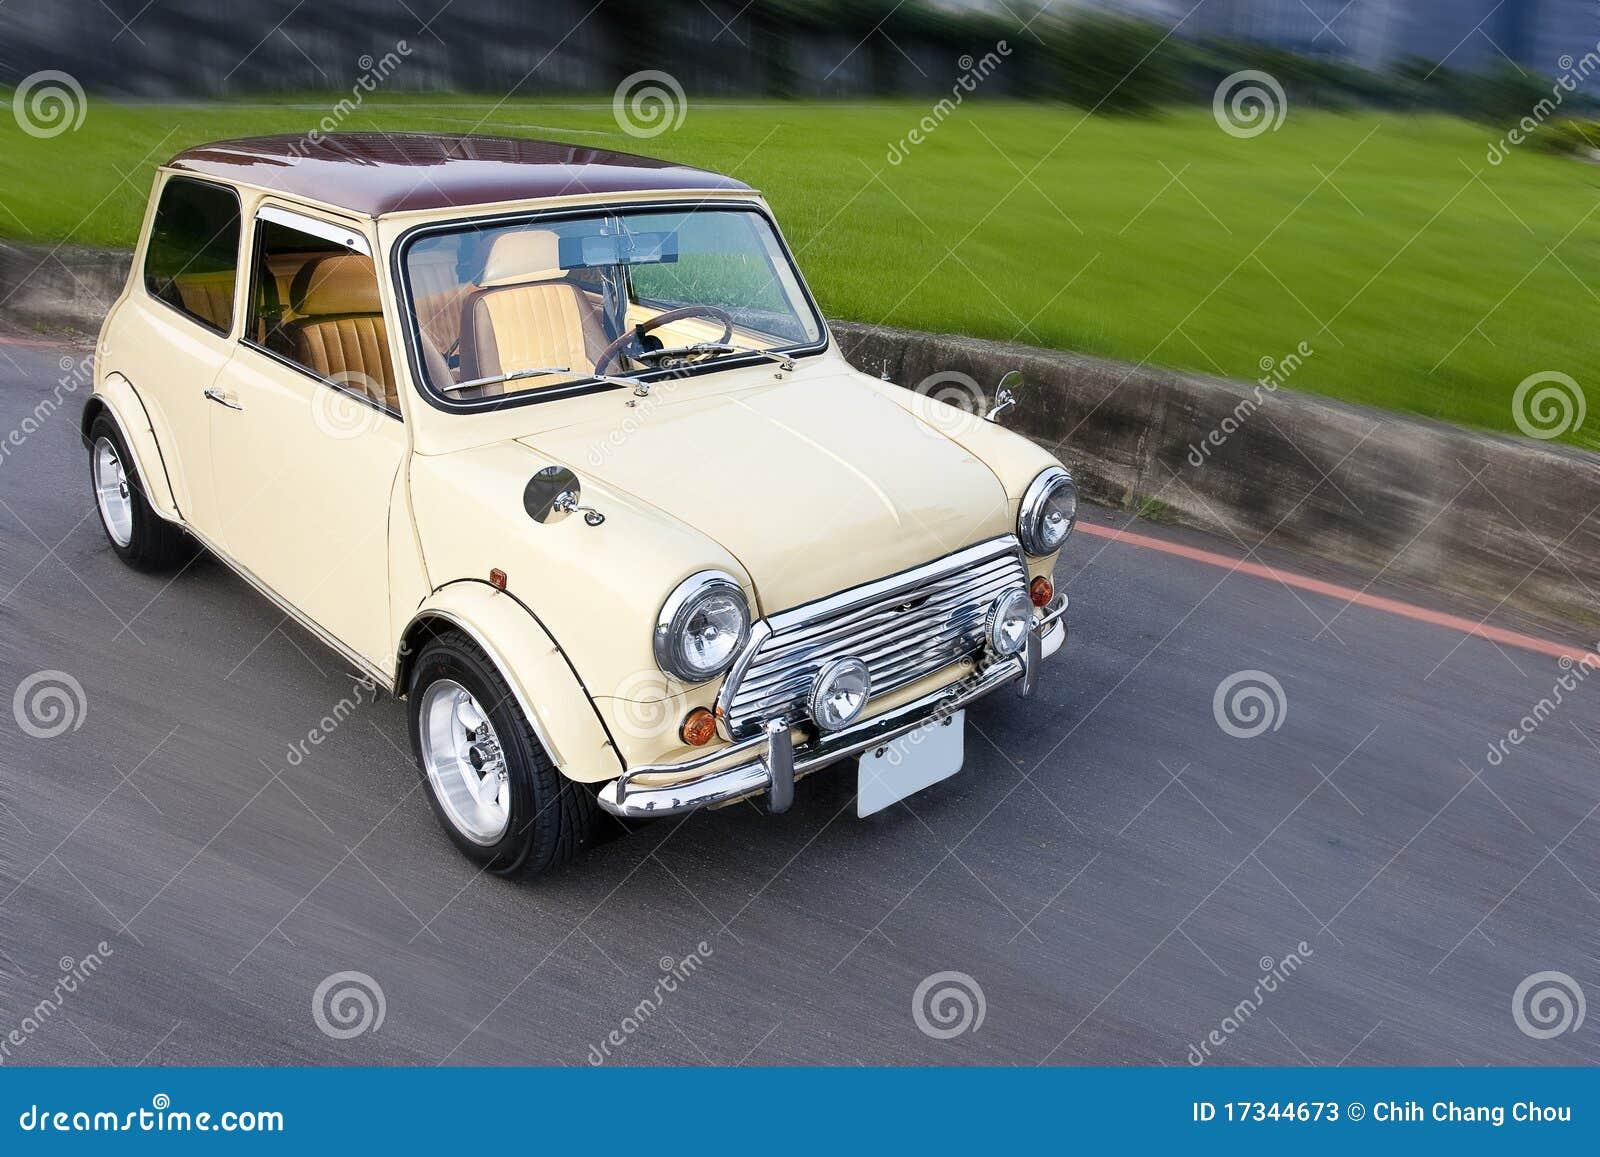 Small compact car Stock Photos